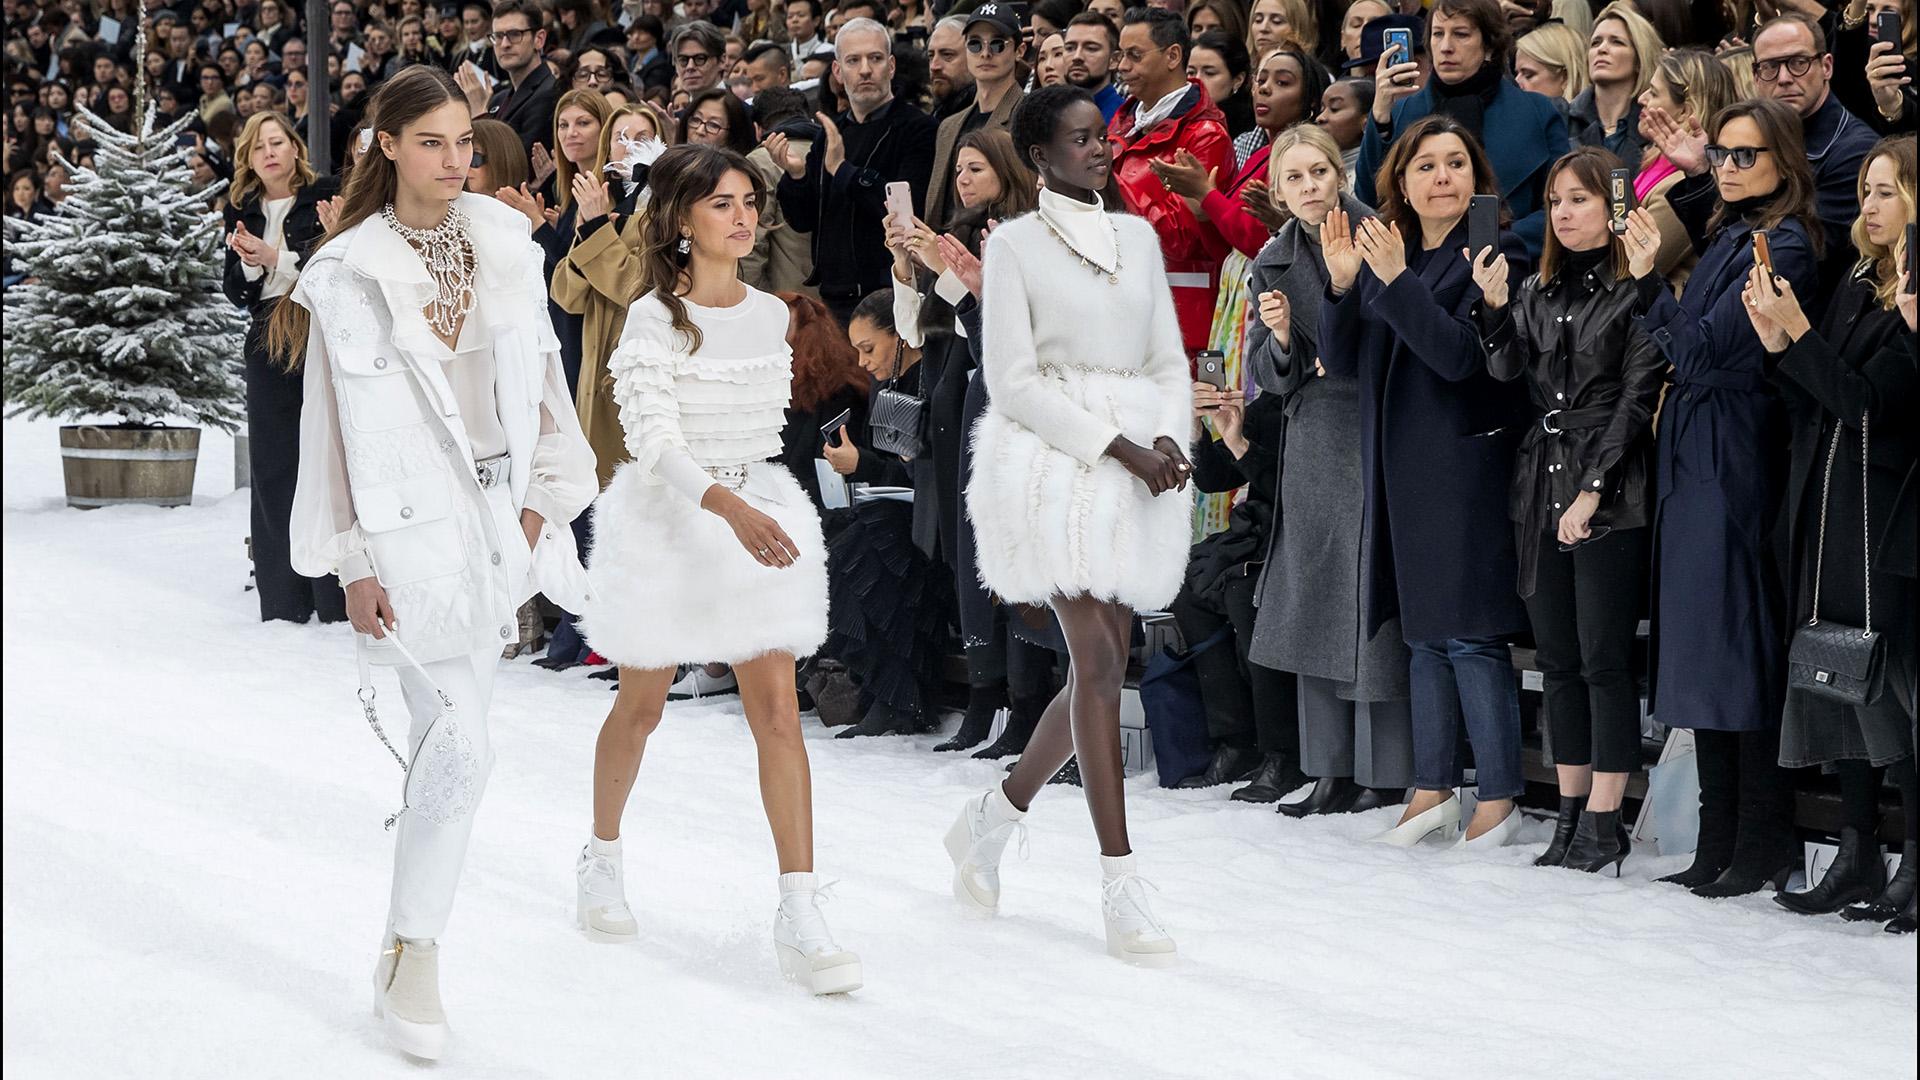 """PenÈlope Cruz, Alexandra Golovanoff - People au dÈfilÈ de mode PrÍt-‡-Porter automne-hiver 2019/2020 """"Chanel"""" ‡ Paris. Le 5 mars 2019 --- People attends the PAP F/W 2019/2020 Chanel fashion show in Paris. On march 5th 2019"""